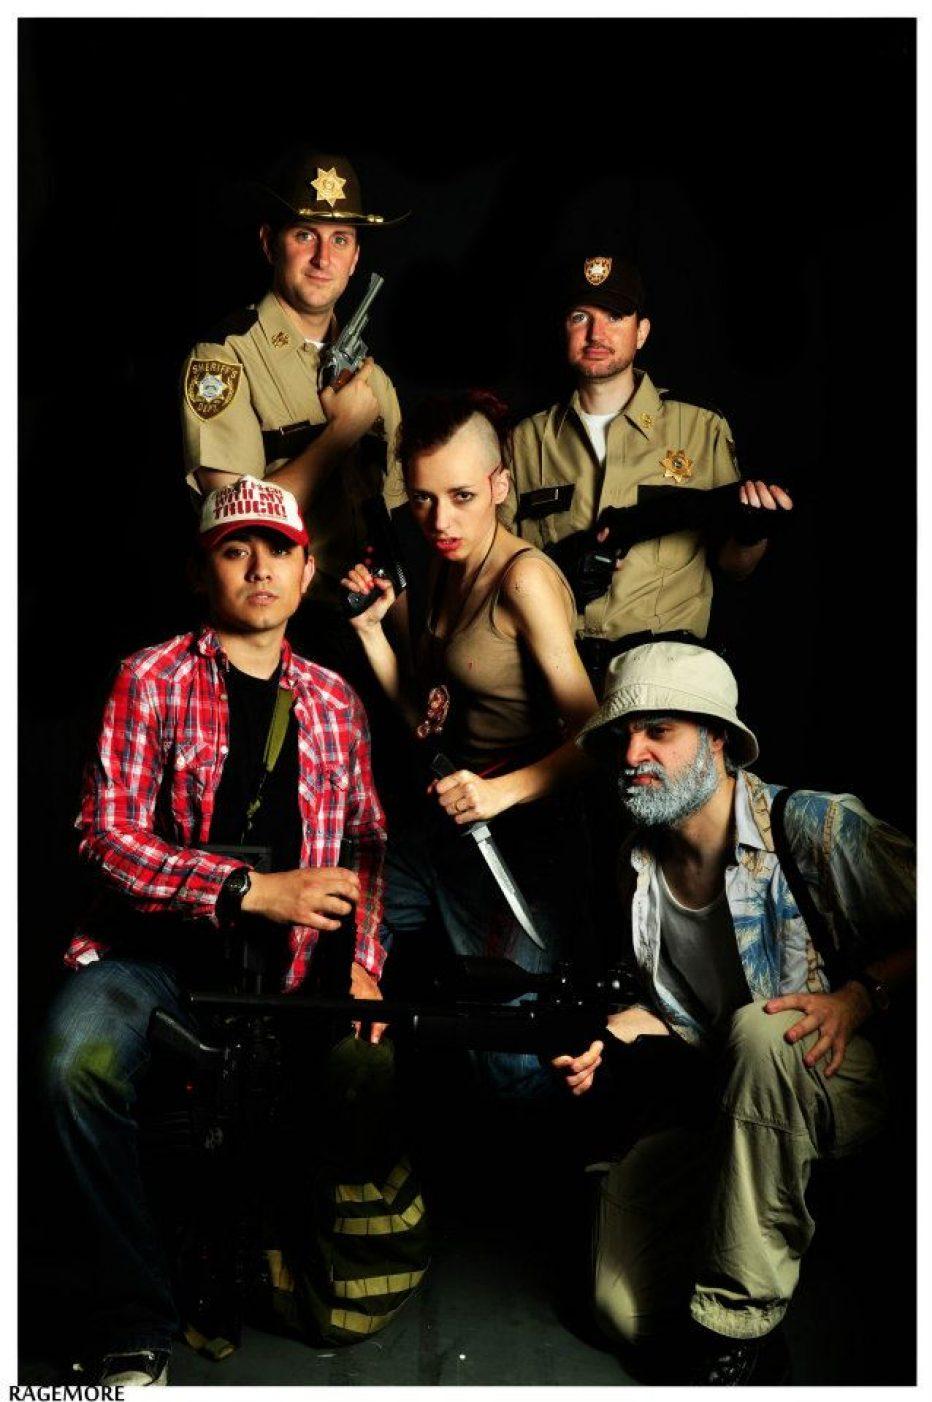 The-Walking-Dead-Rick-Grimes-Cosplay-Gamers-Heroes-4.jpg